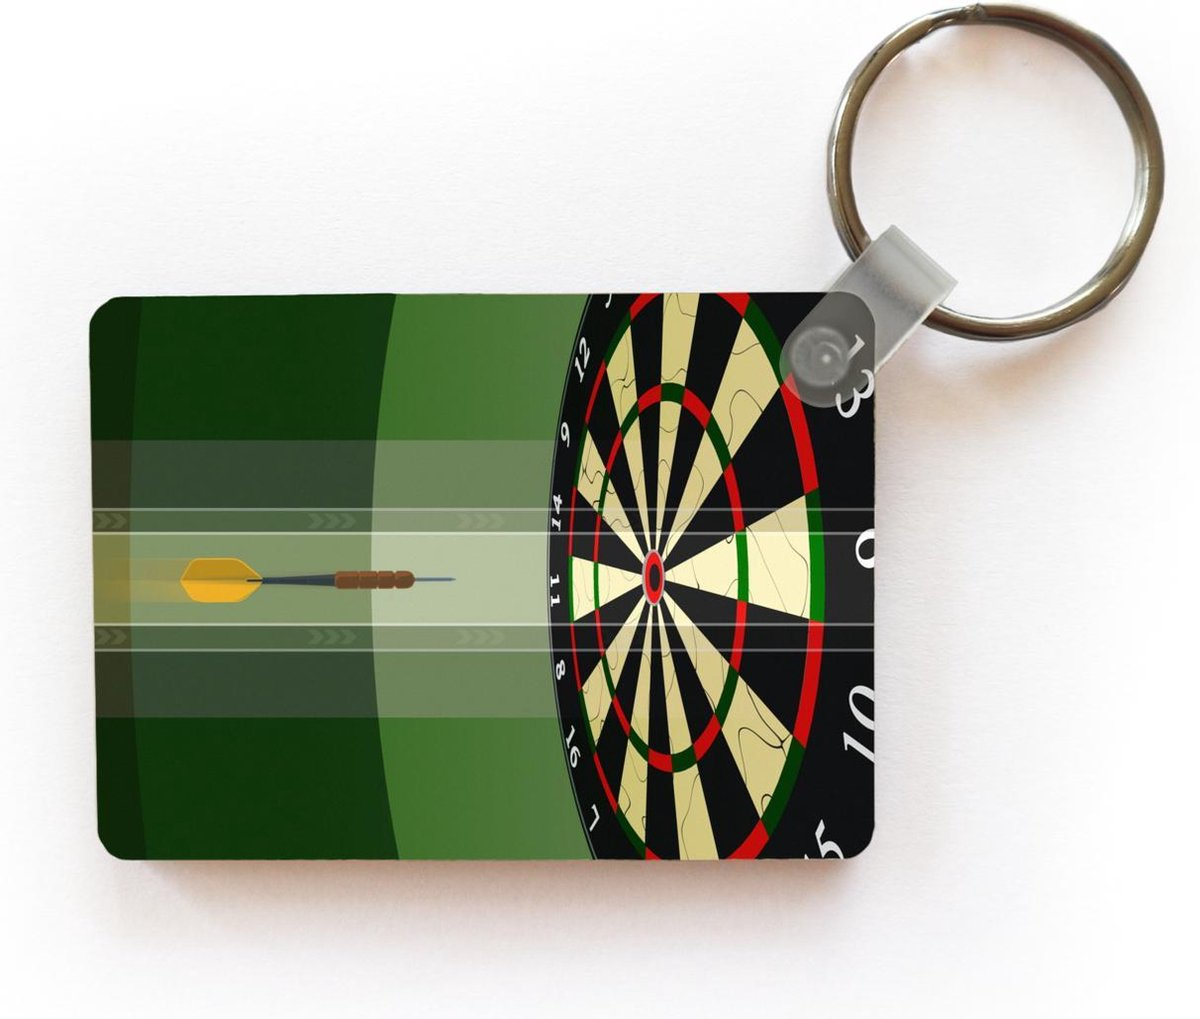 Sleutelhanger Darten illustratie - Een illustratie van een dartpijl richting het midden van het dartbord sleutelhanger plastic - rechthoekige sleutelhanger met foto